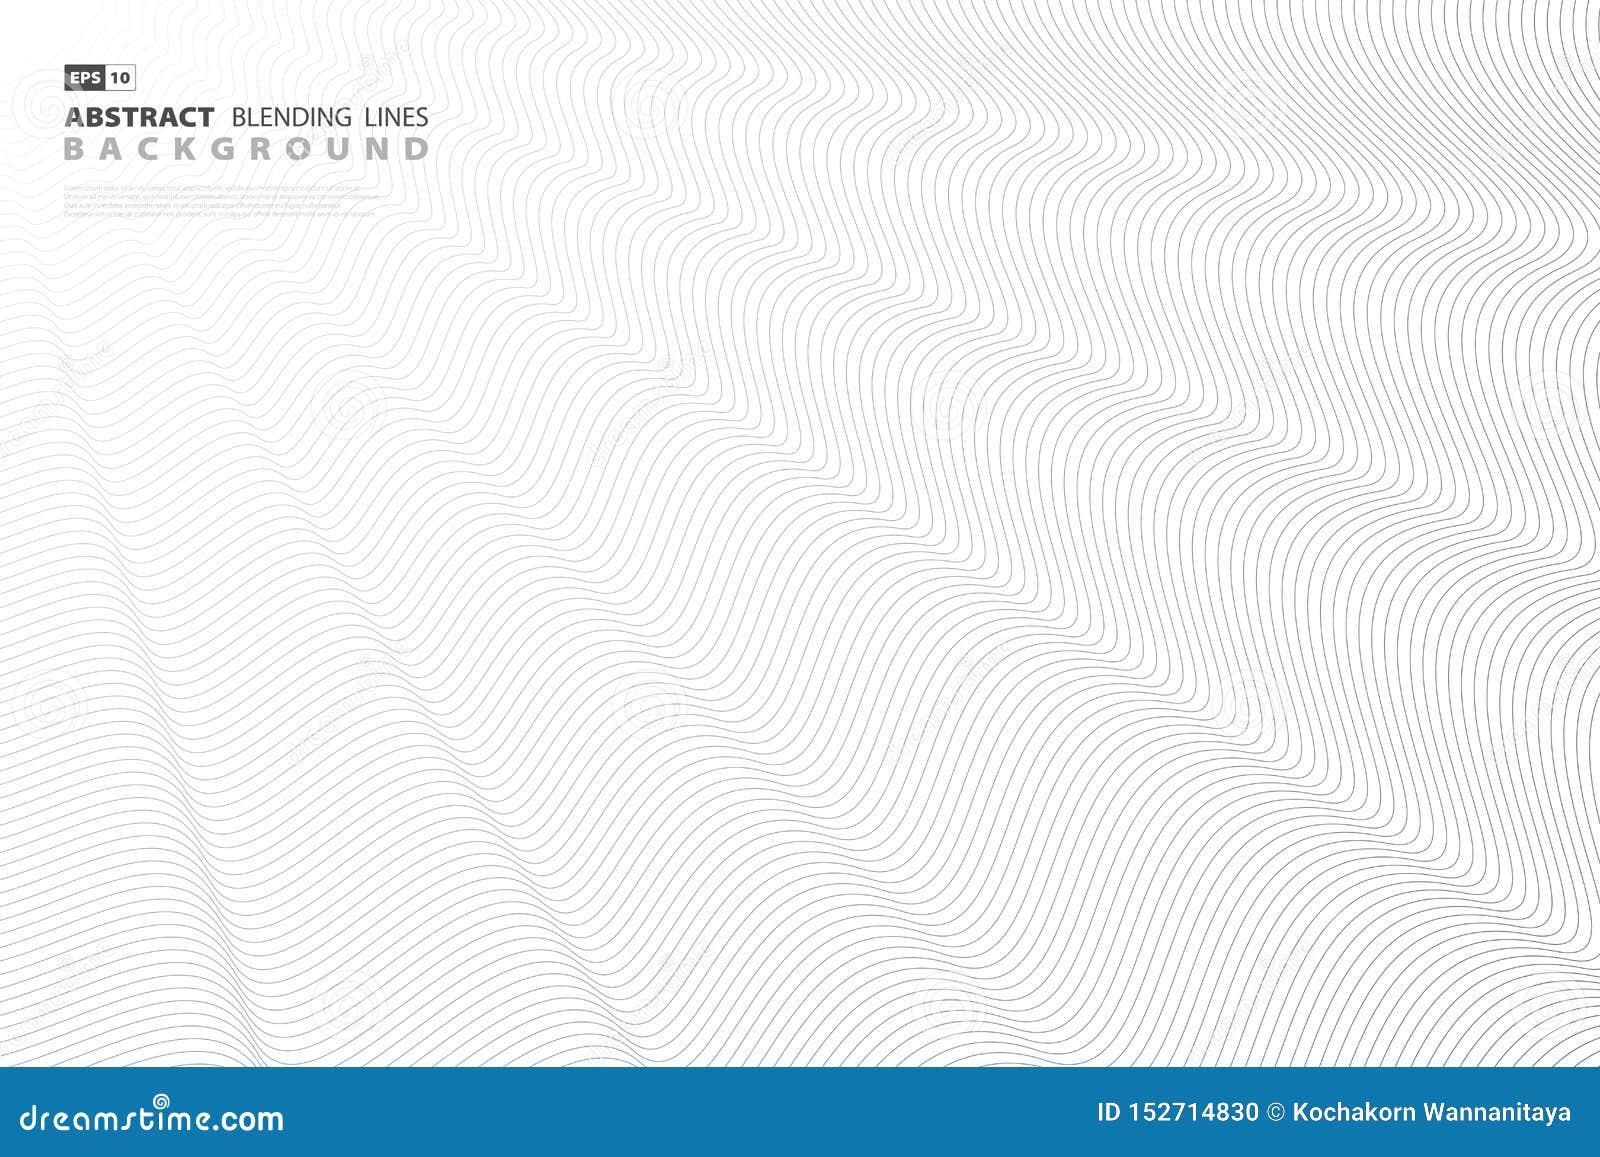 Abstrakcjonistycznej czarnej mieszanki linii wektorowy projekt dla okładkowej grafiki eps10 kwiat